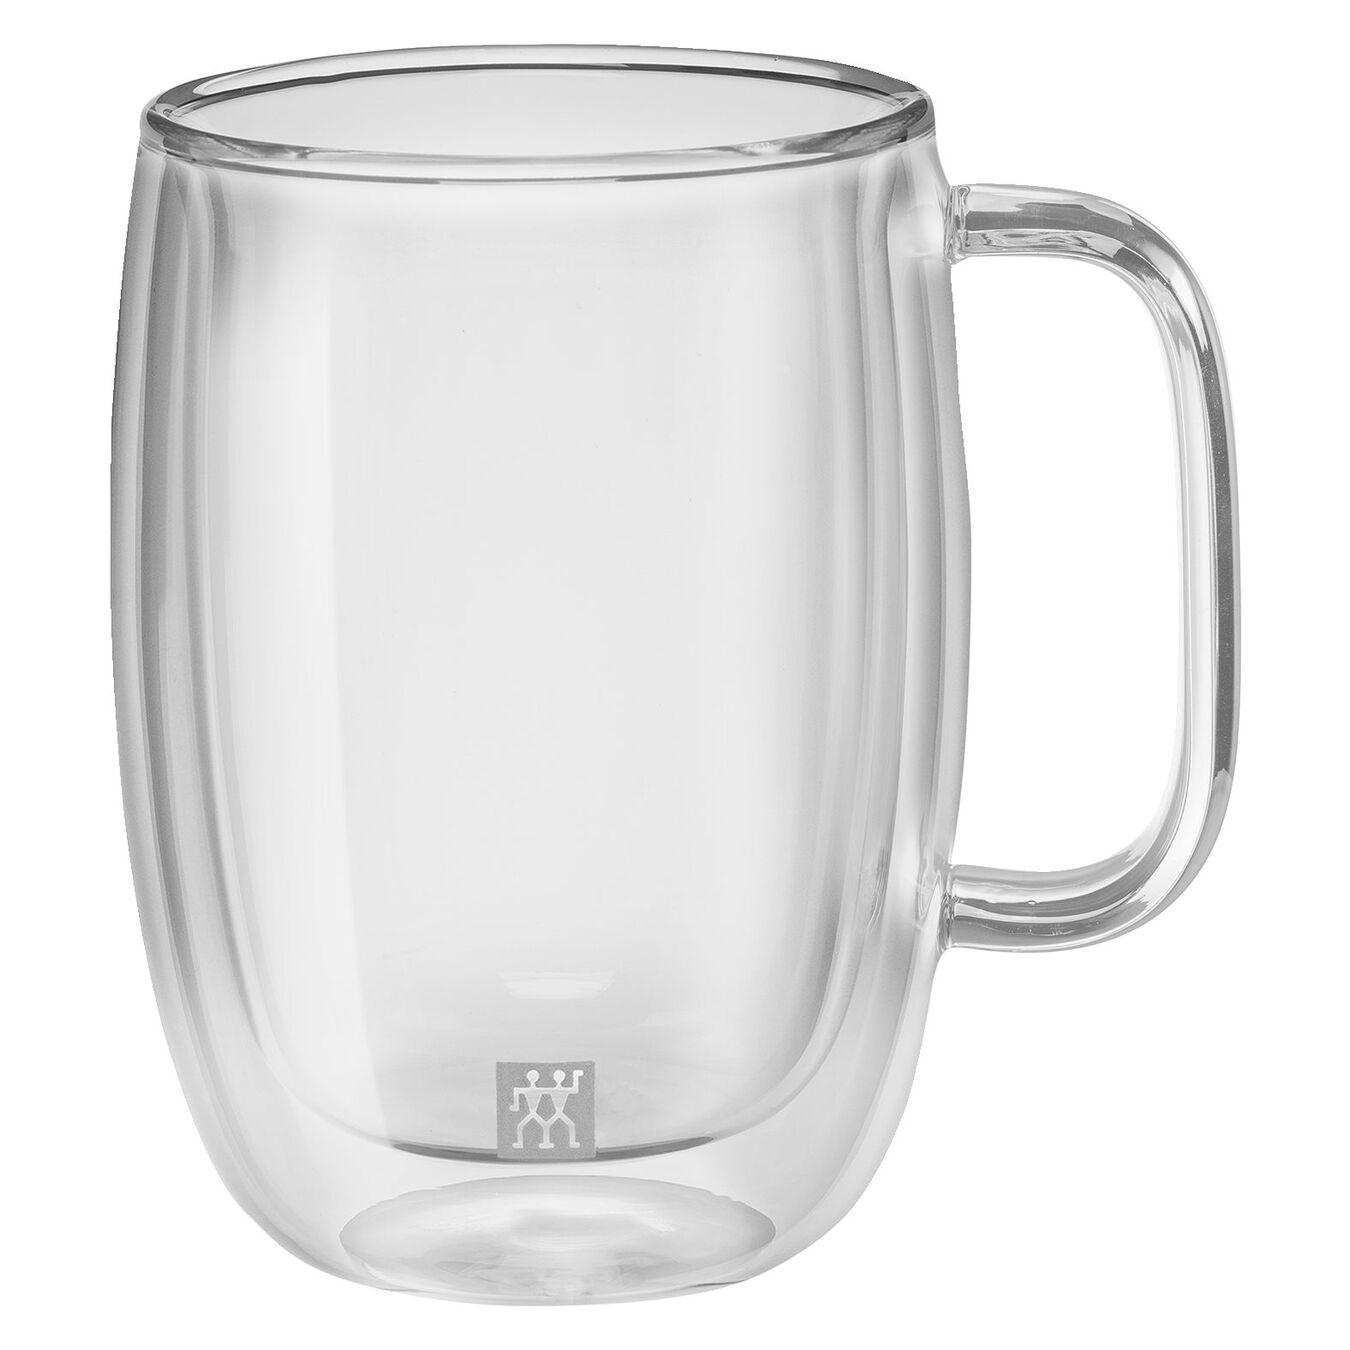 Çift Camlı Kulplu Latte bardağı seti | 2-parça,,large 1